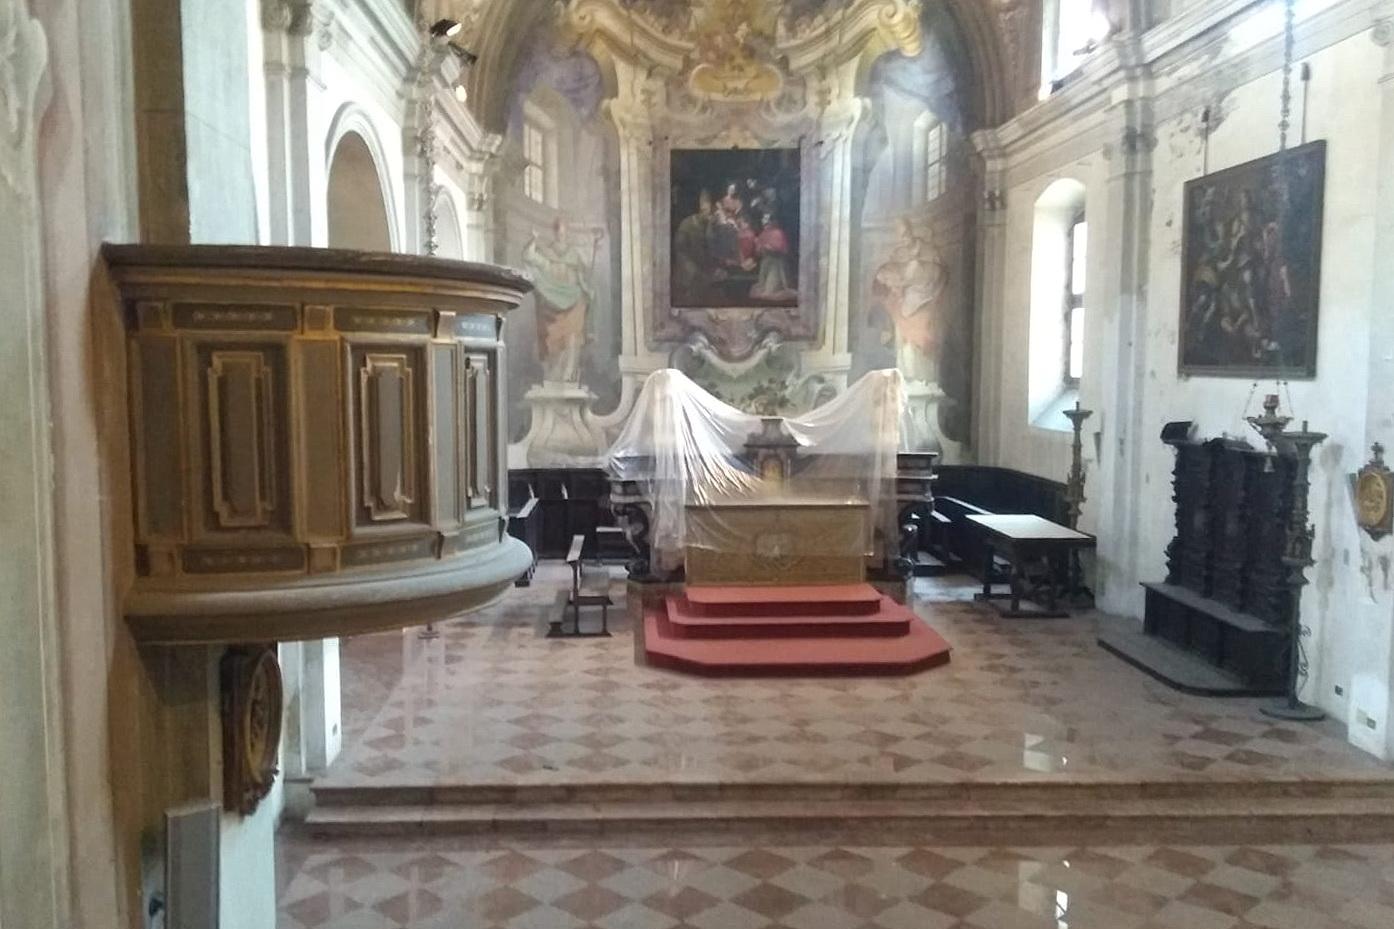 secondo ciclo restauro chiesa sant'ambrogio legnano 2